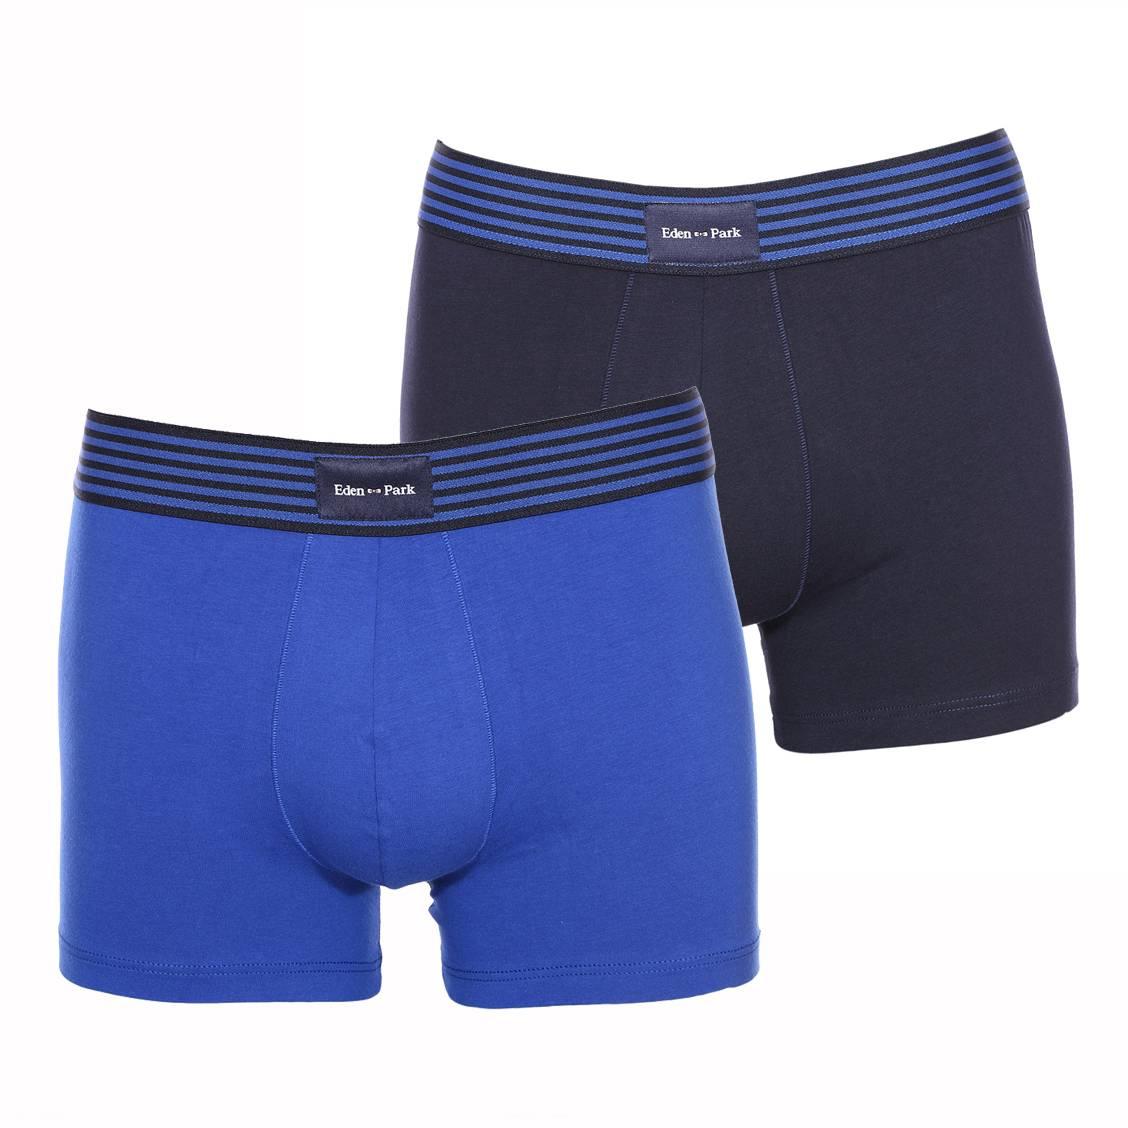 Lot de 2 boxers longs  en coton stretch bleu marine et bleu indigo à ceinture rayée